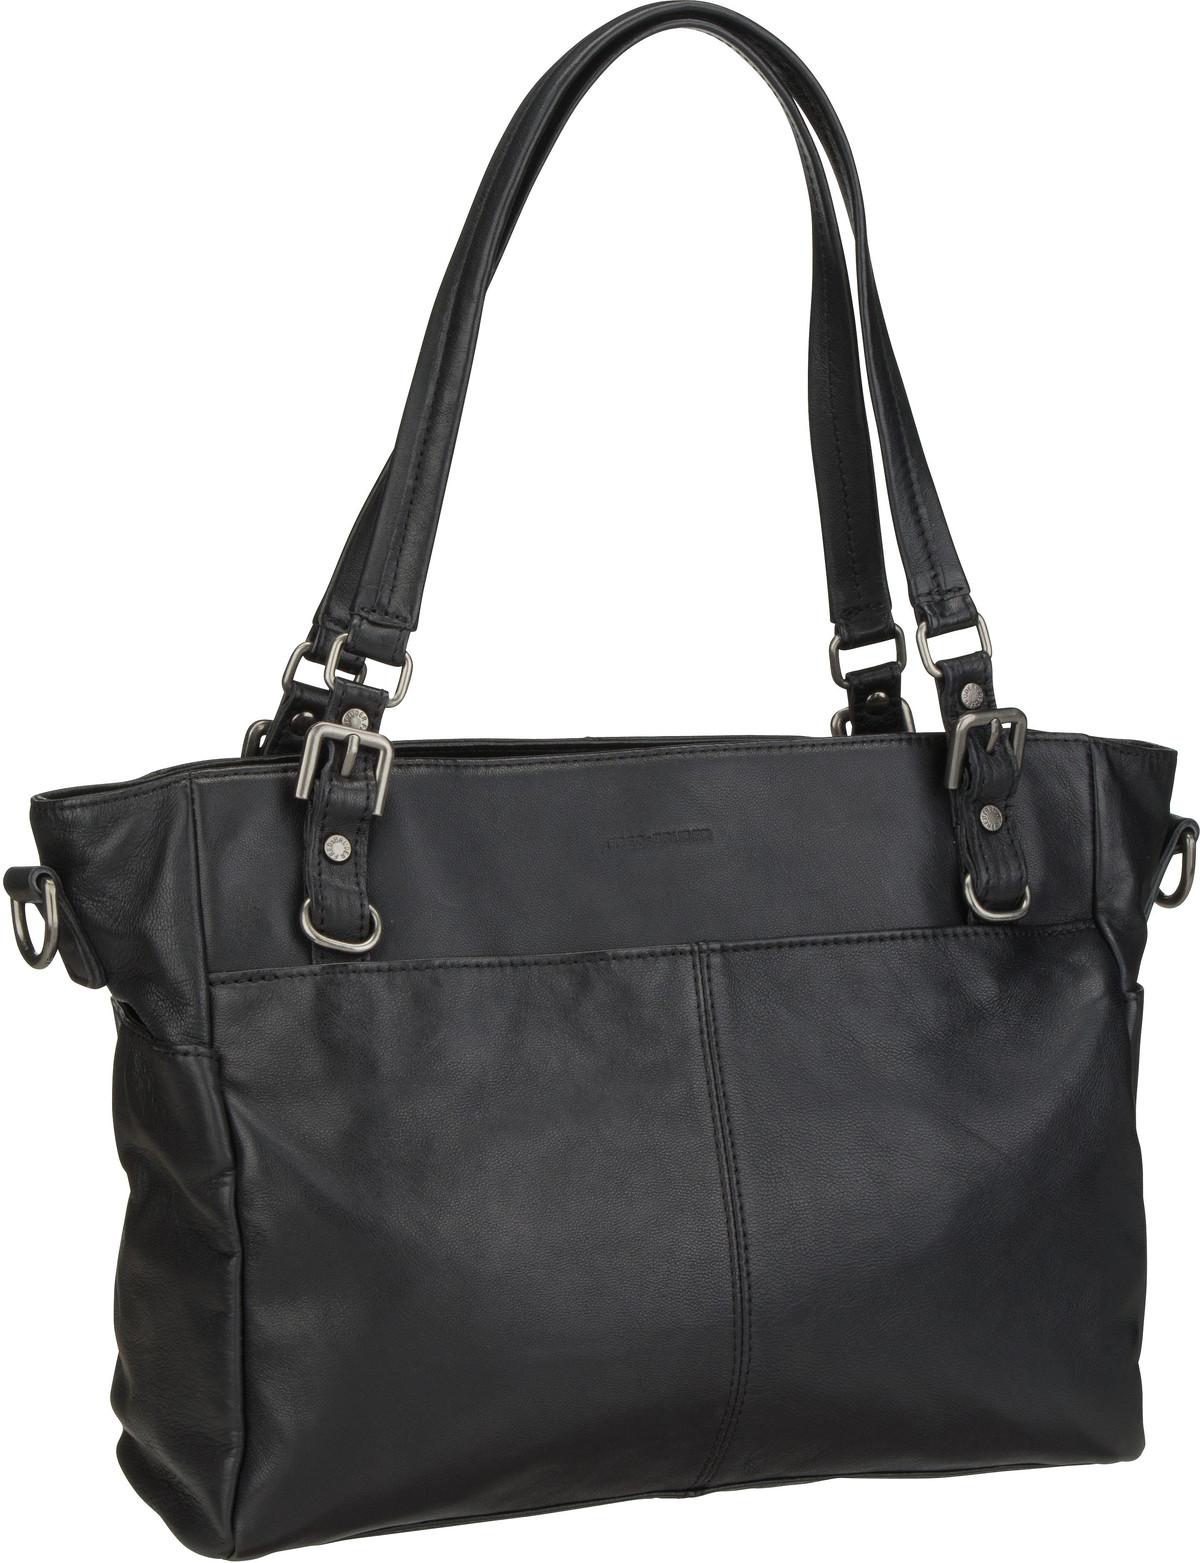 Handtasche Dignity Black